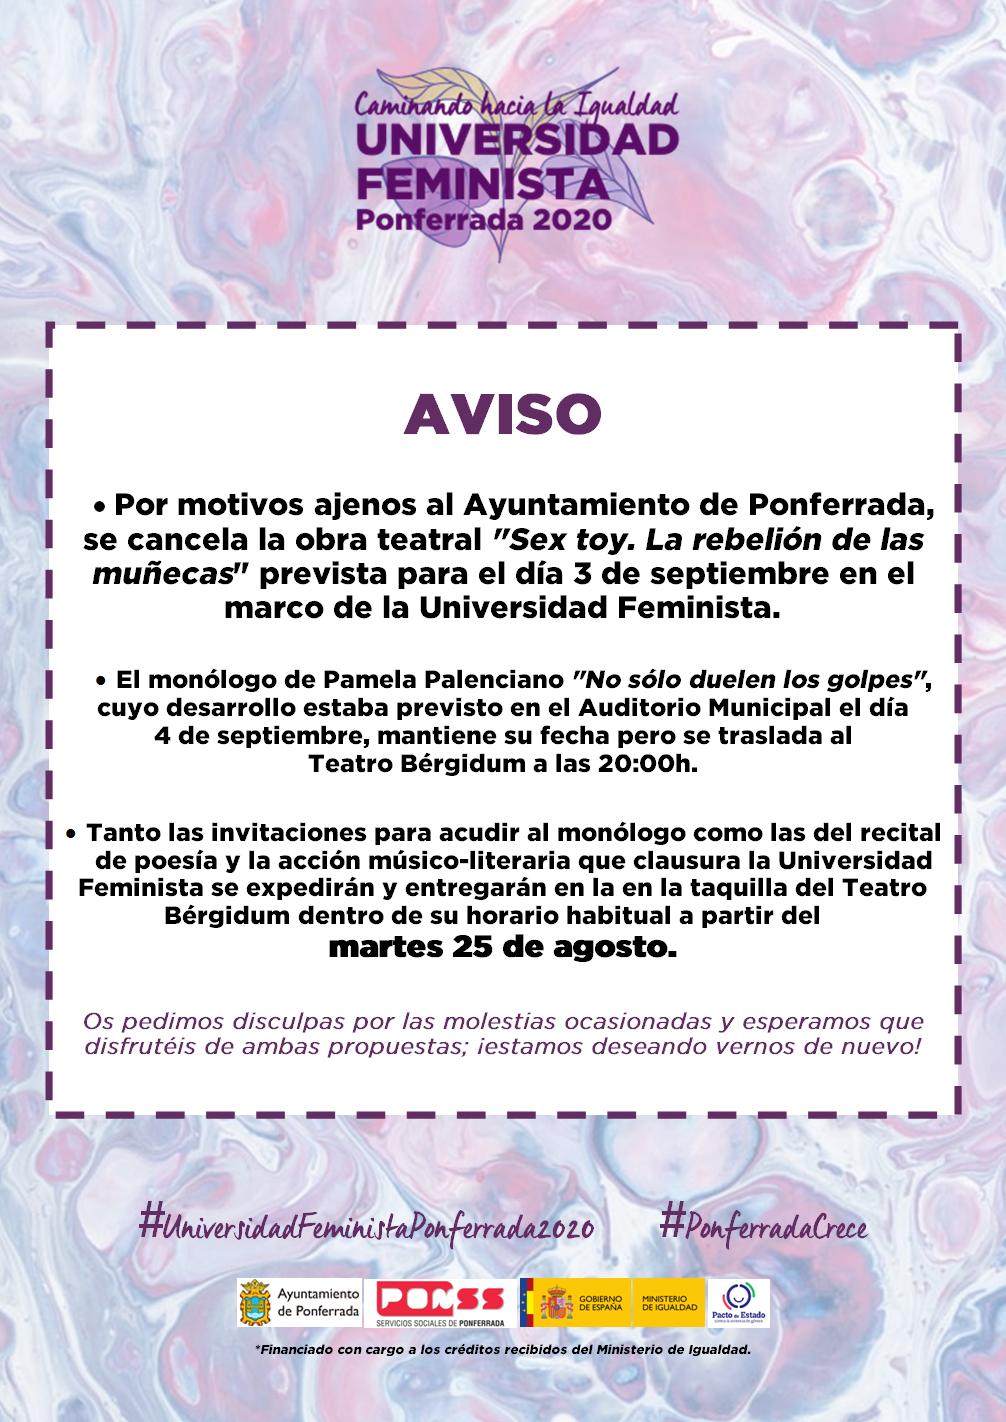 La Universidad feminista traerá a Ponferrada charlas, teatro o poesía durante los meses de agosto y septiembre 2